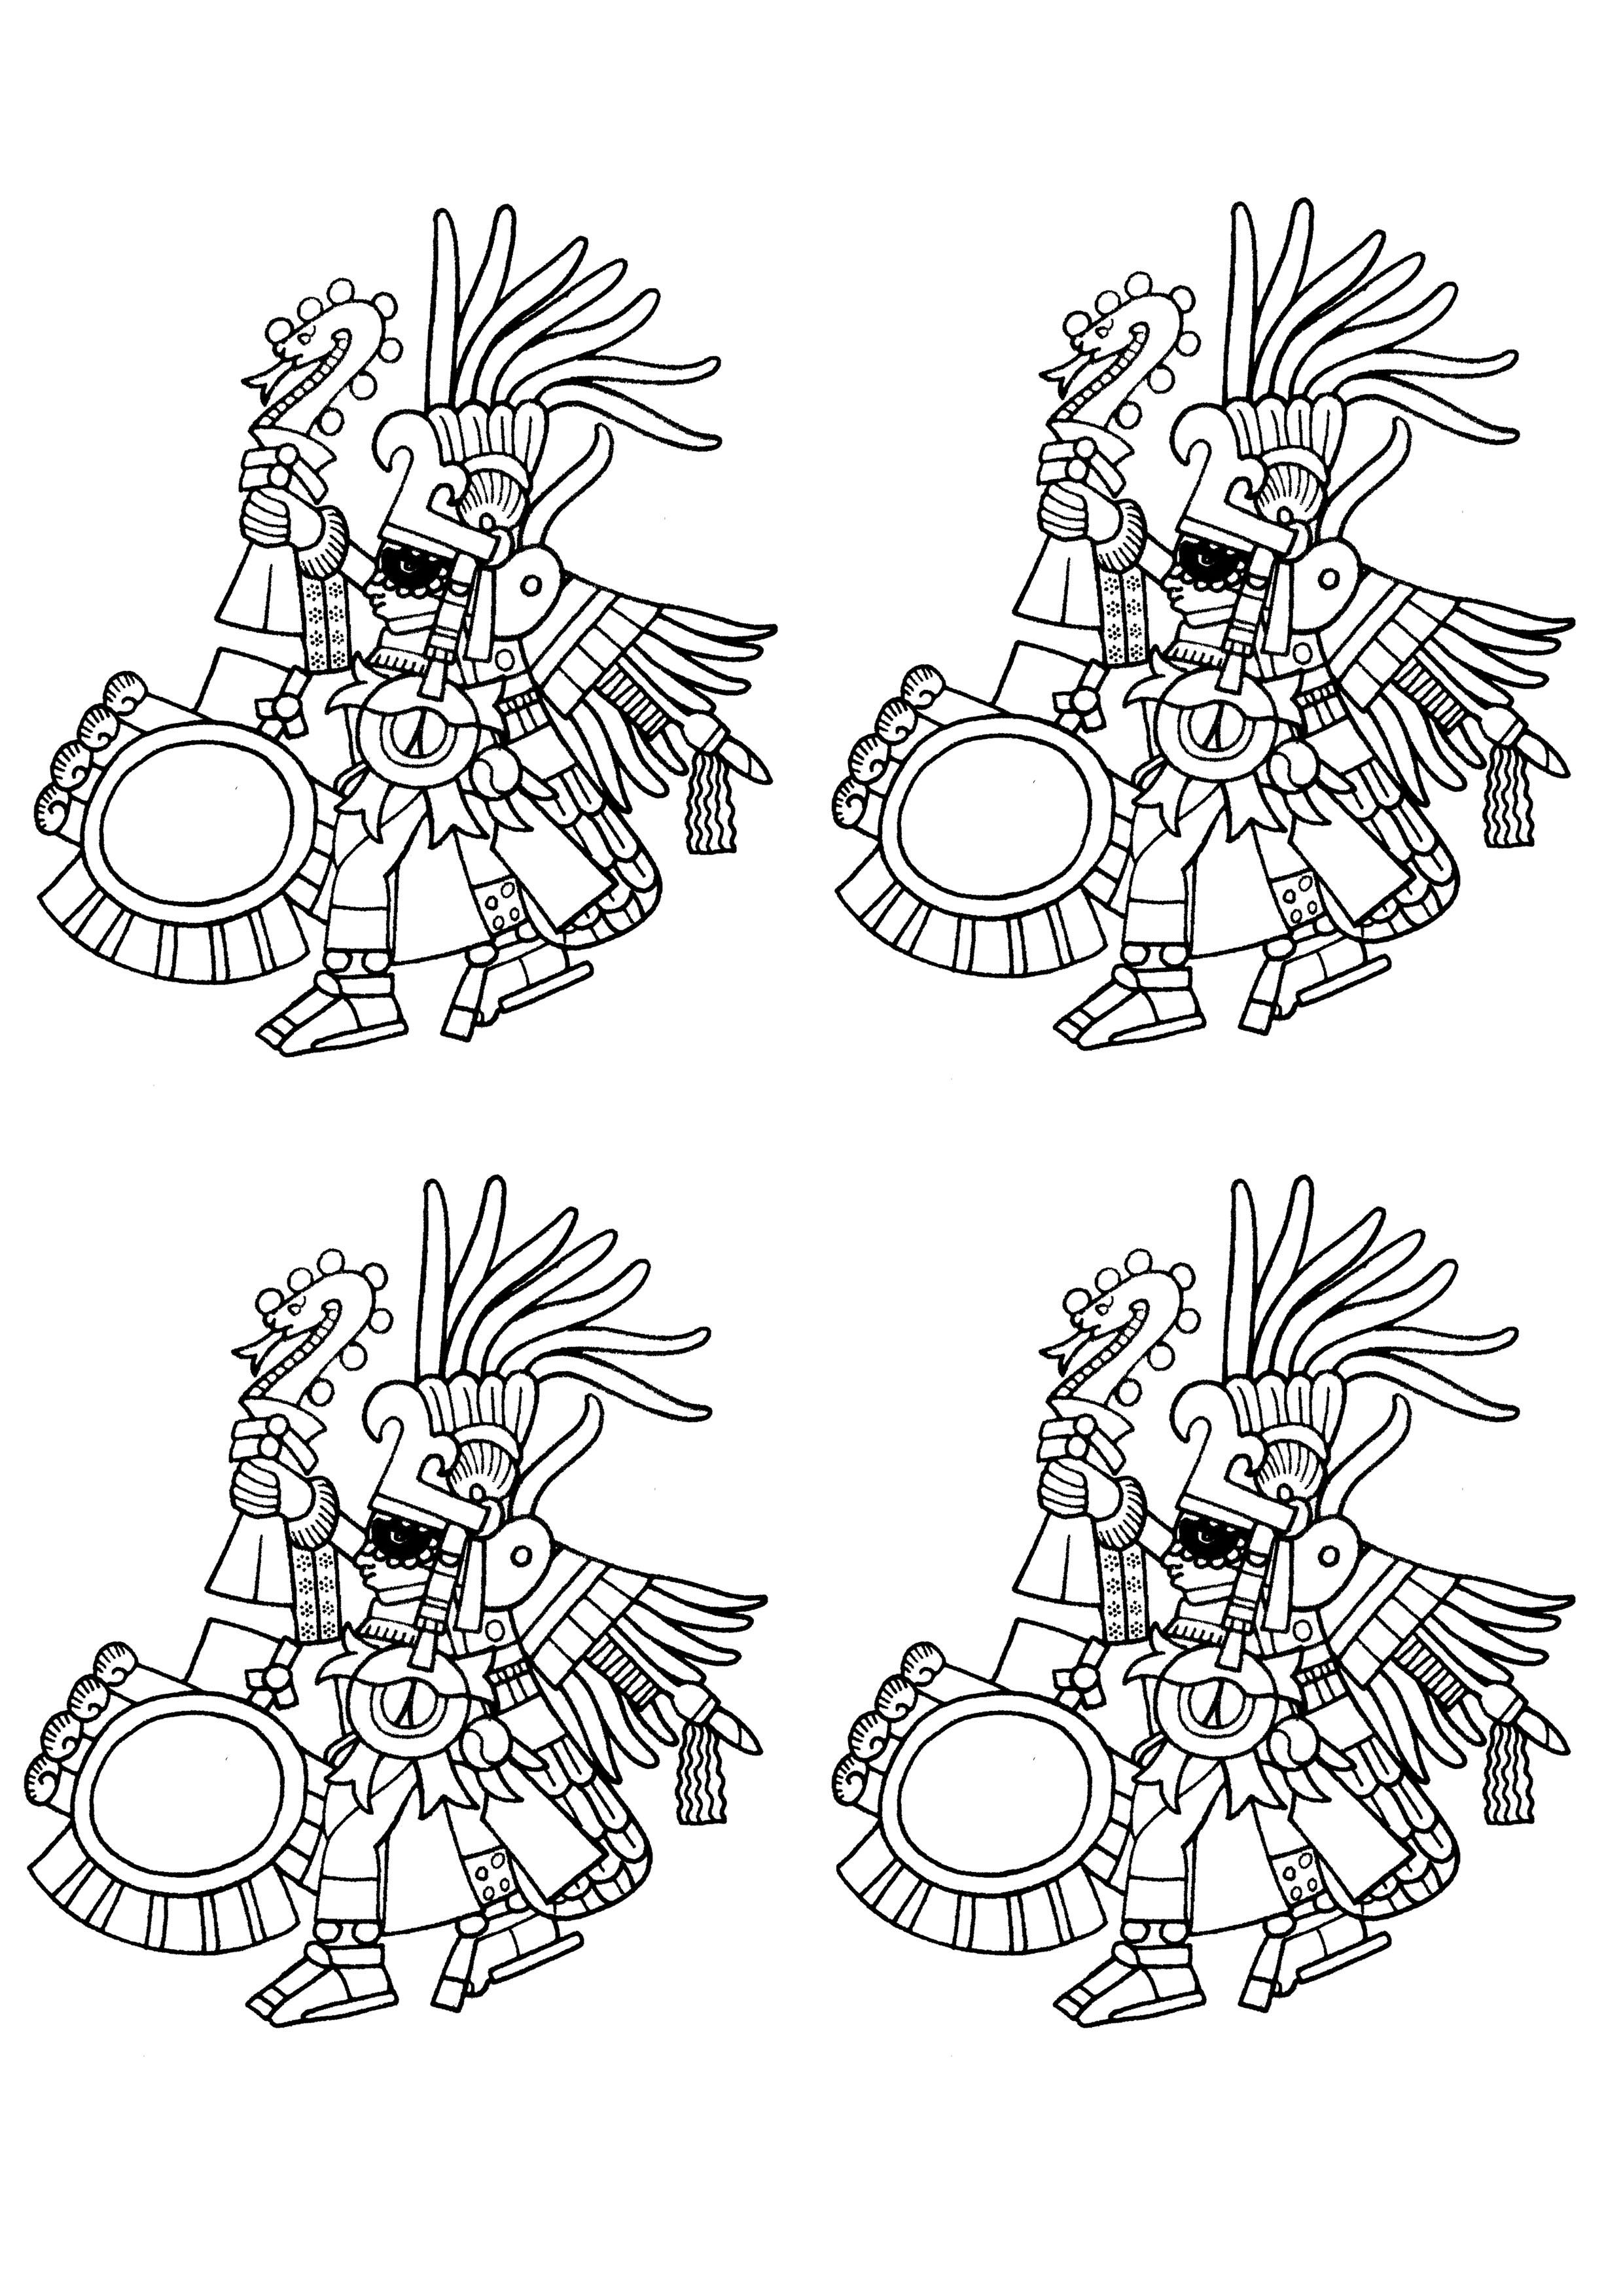 Mayas aztecas e incas 89675 - Mayas, Aztecas e Incas - Colorear para ...